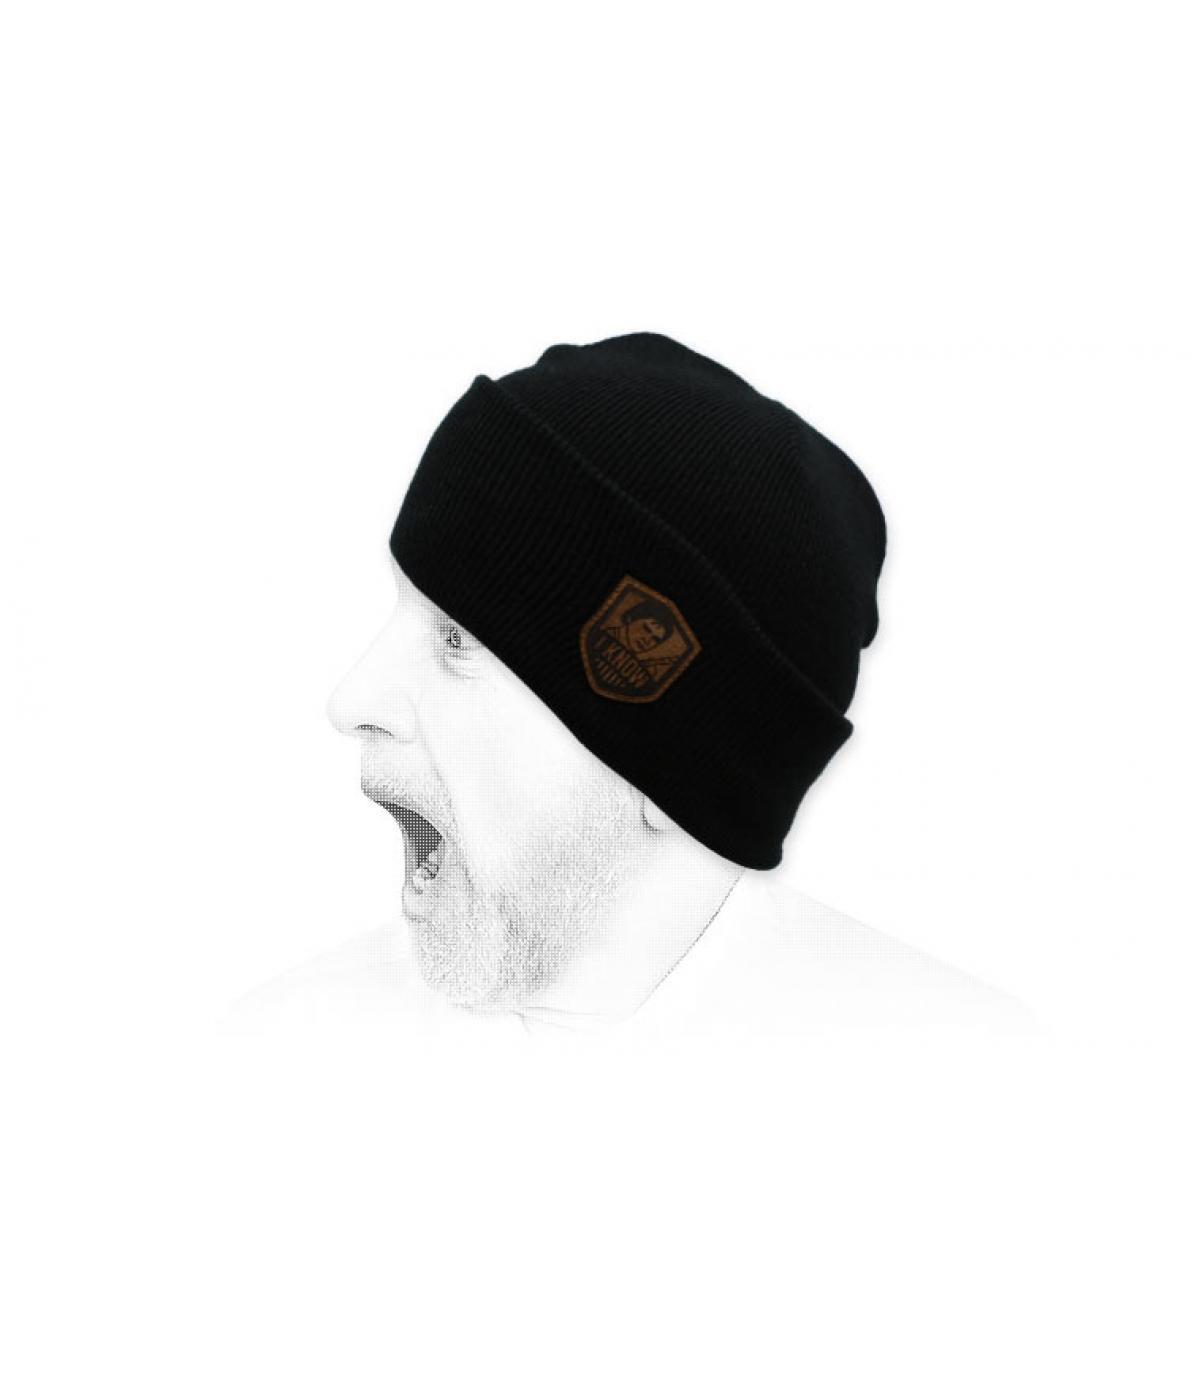 Conosco il cappello nero